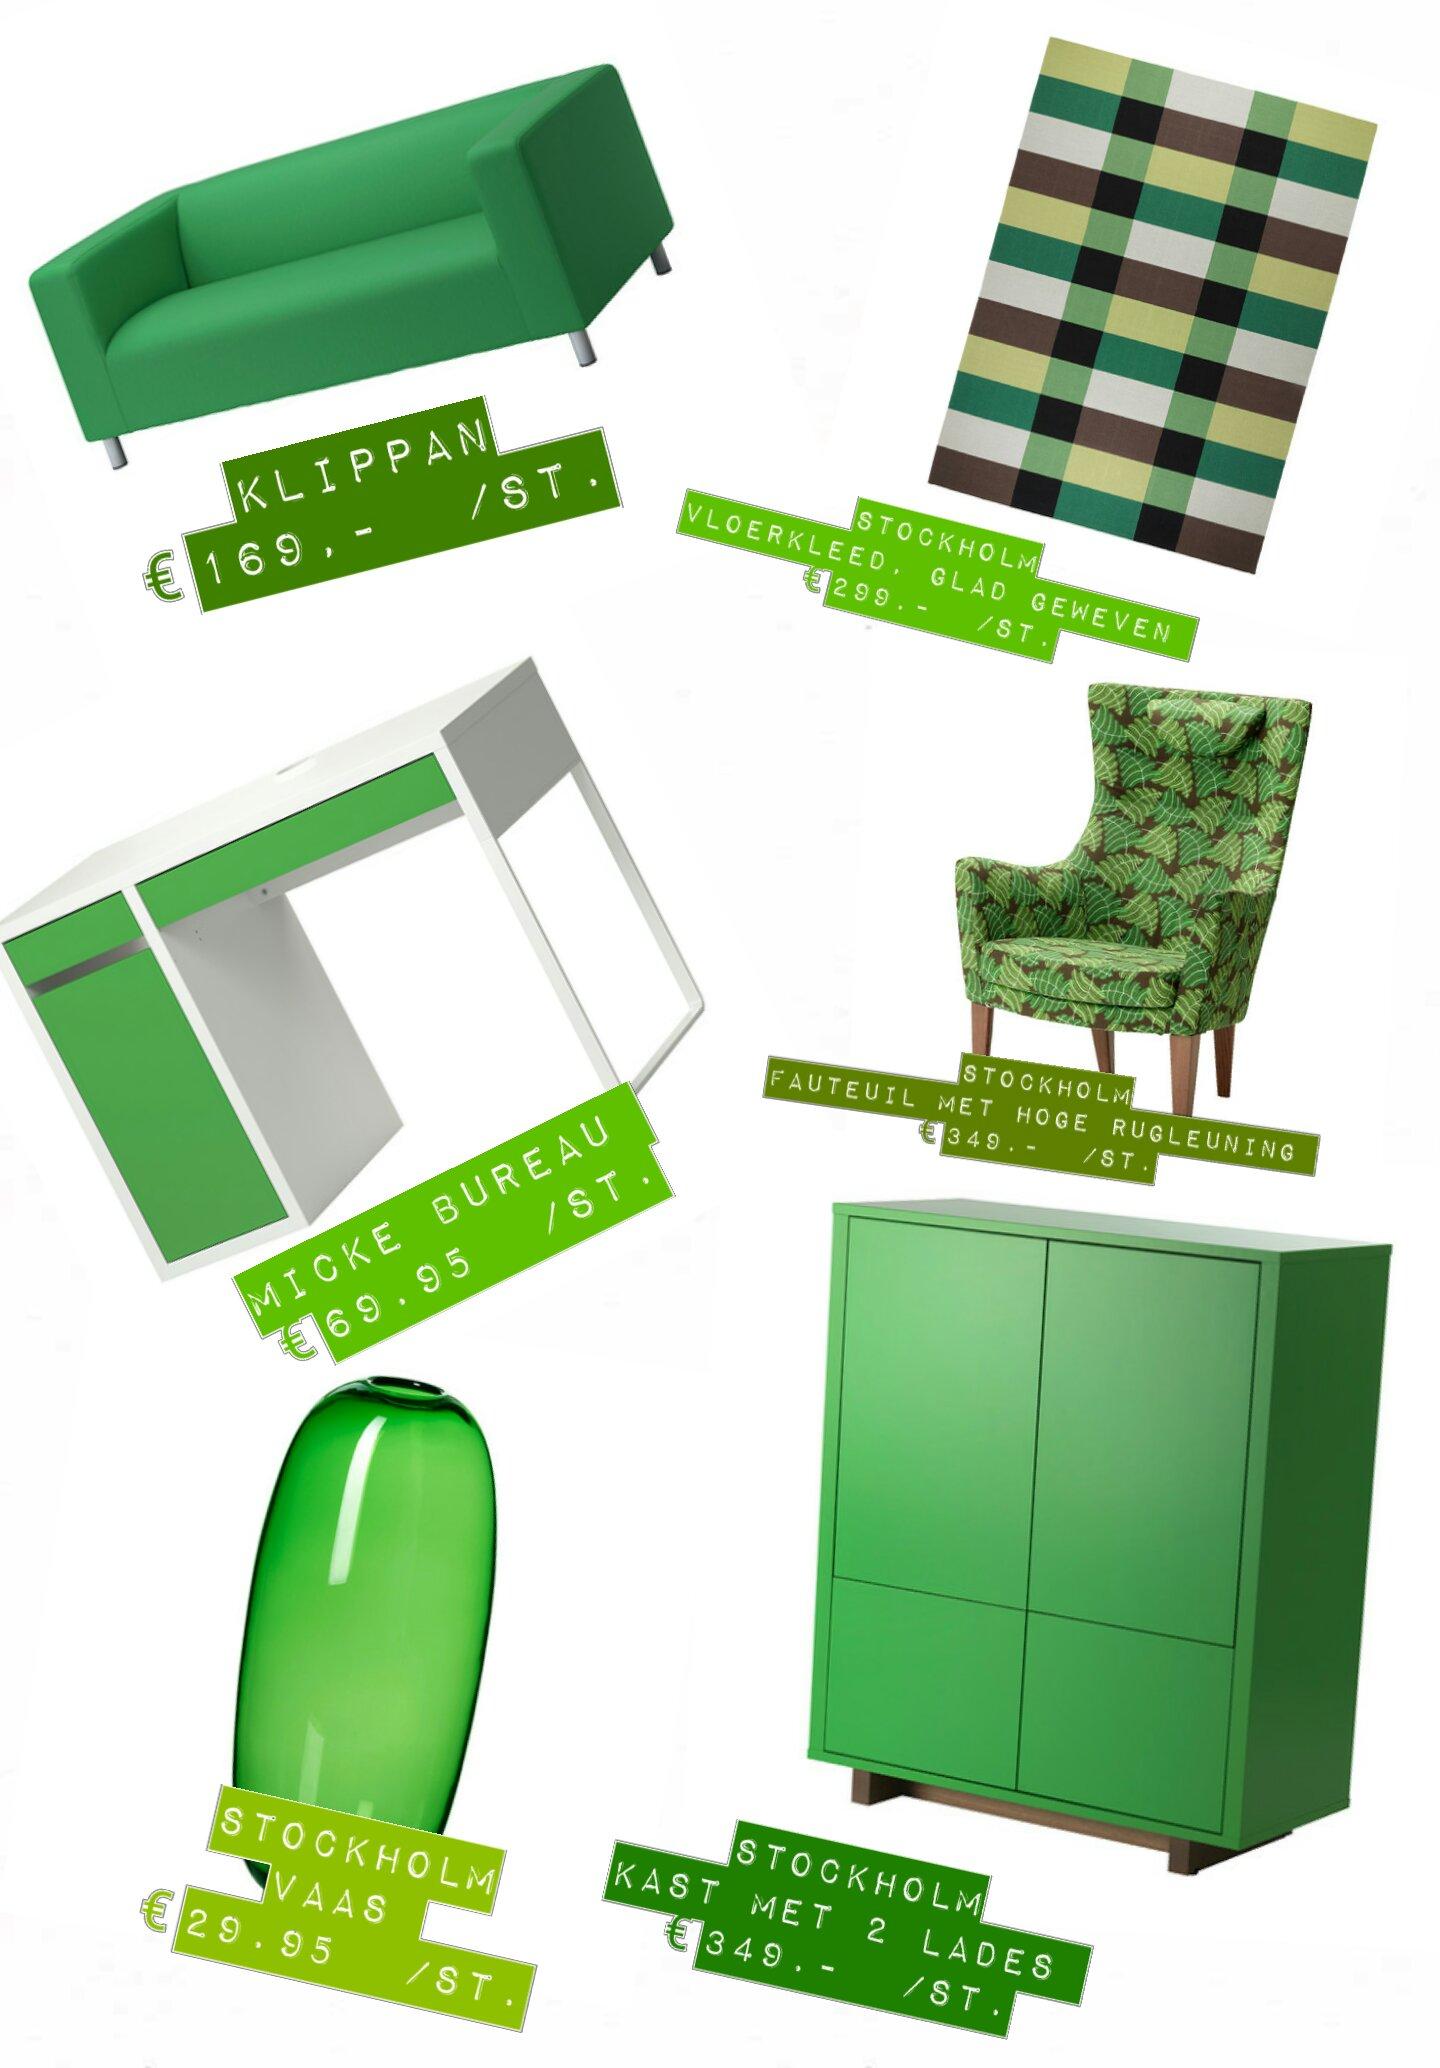 Ikea Keuken Groen : Ikea Keuken Antraciet : Een groen interieur werkt rustgevend! Groen is